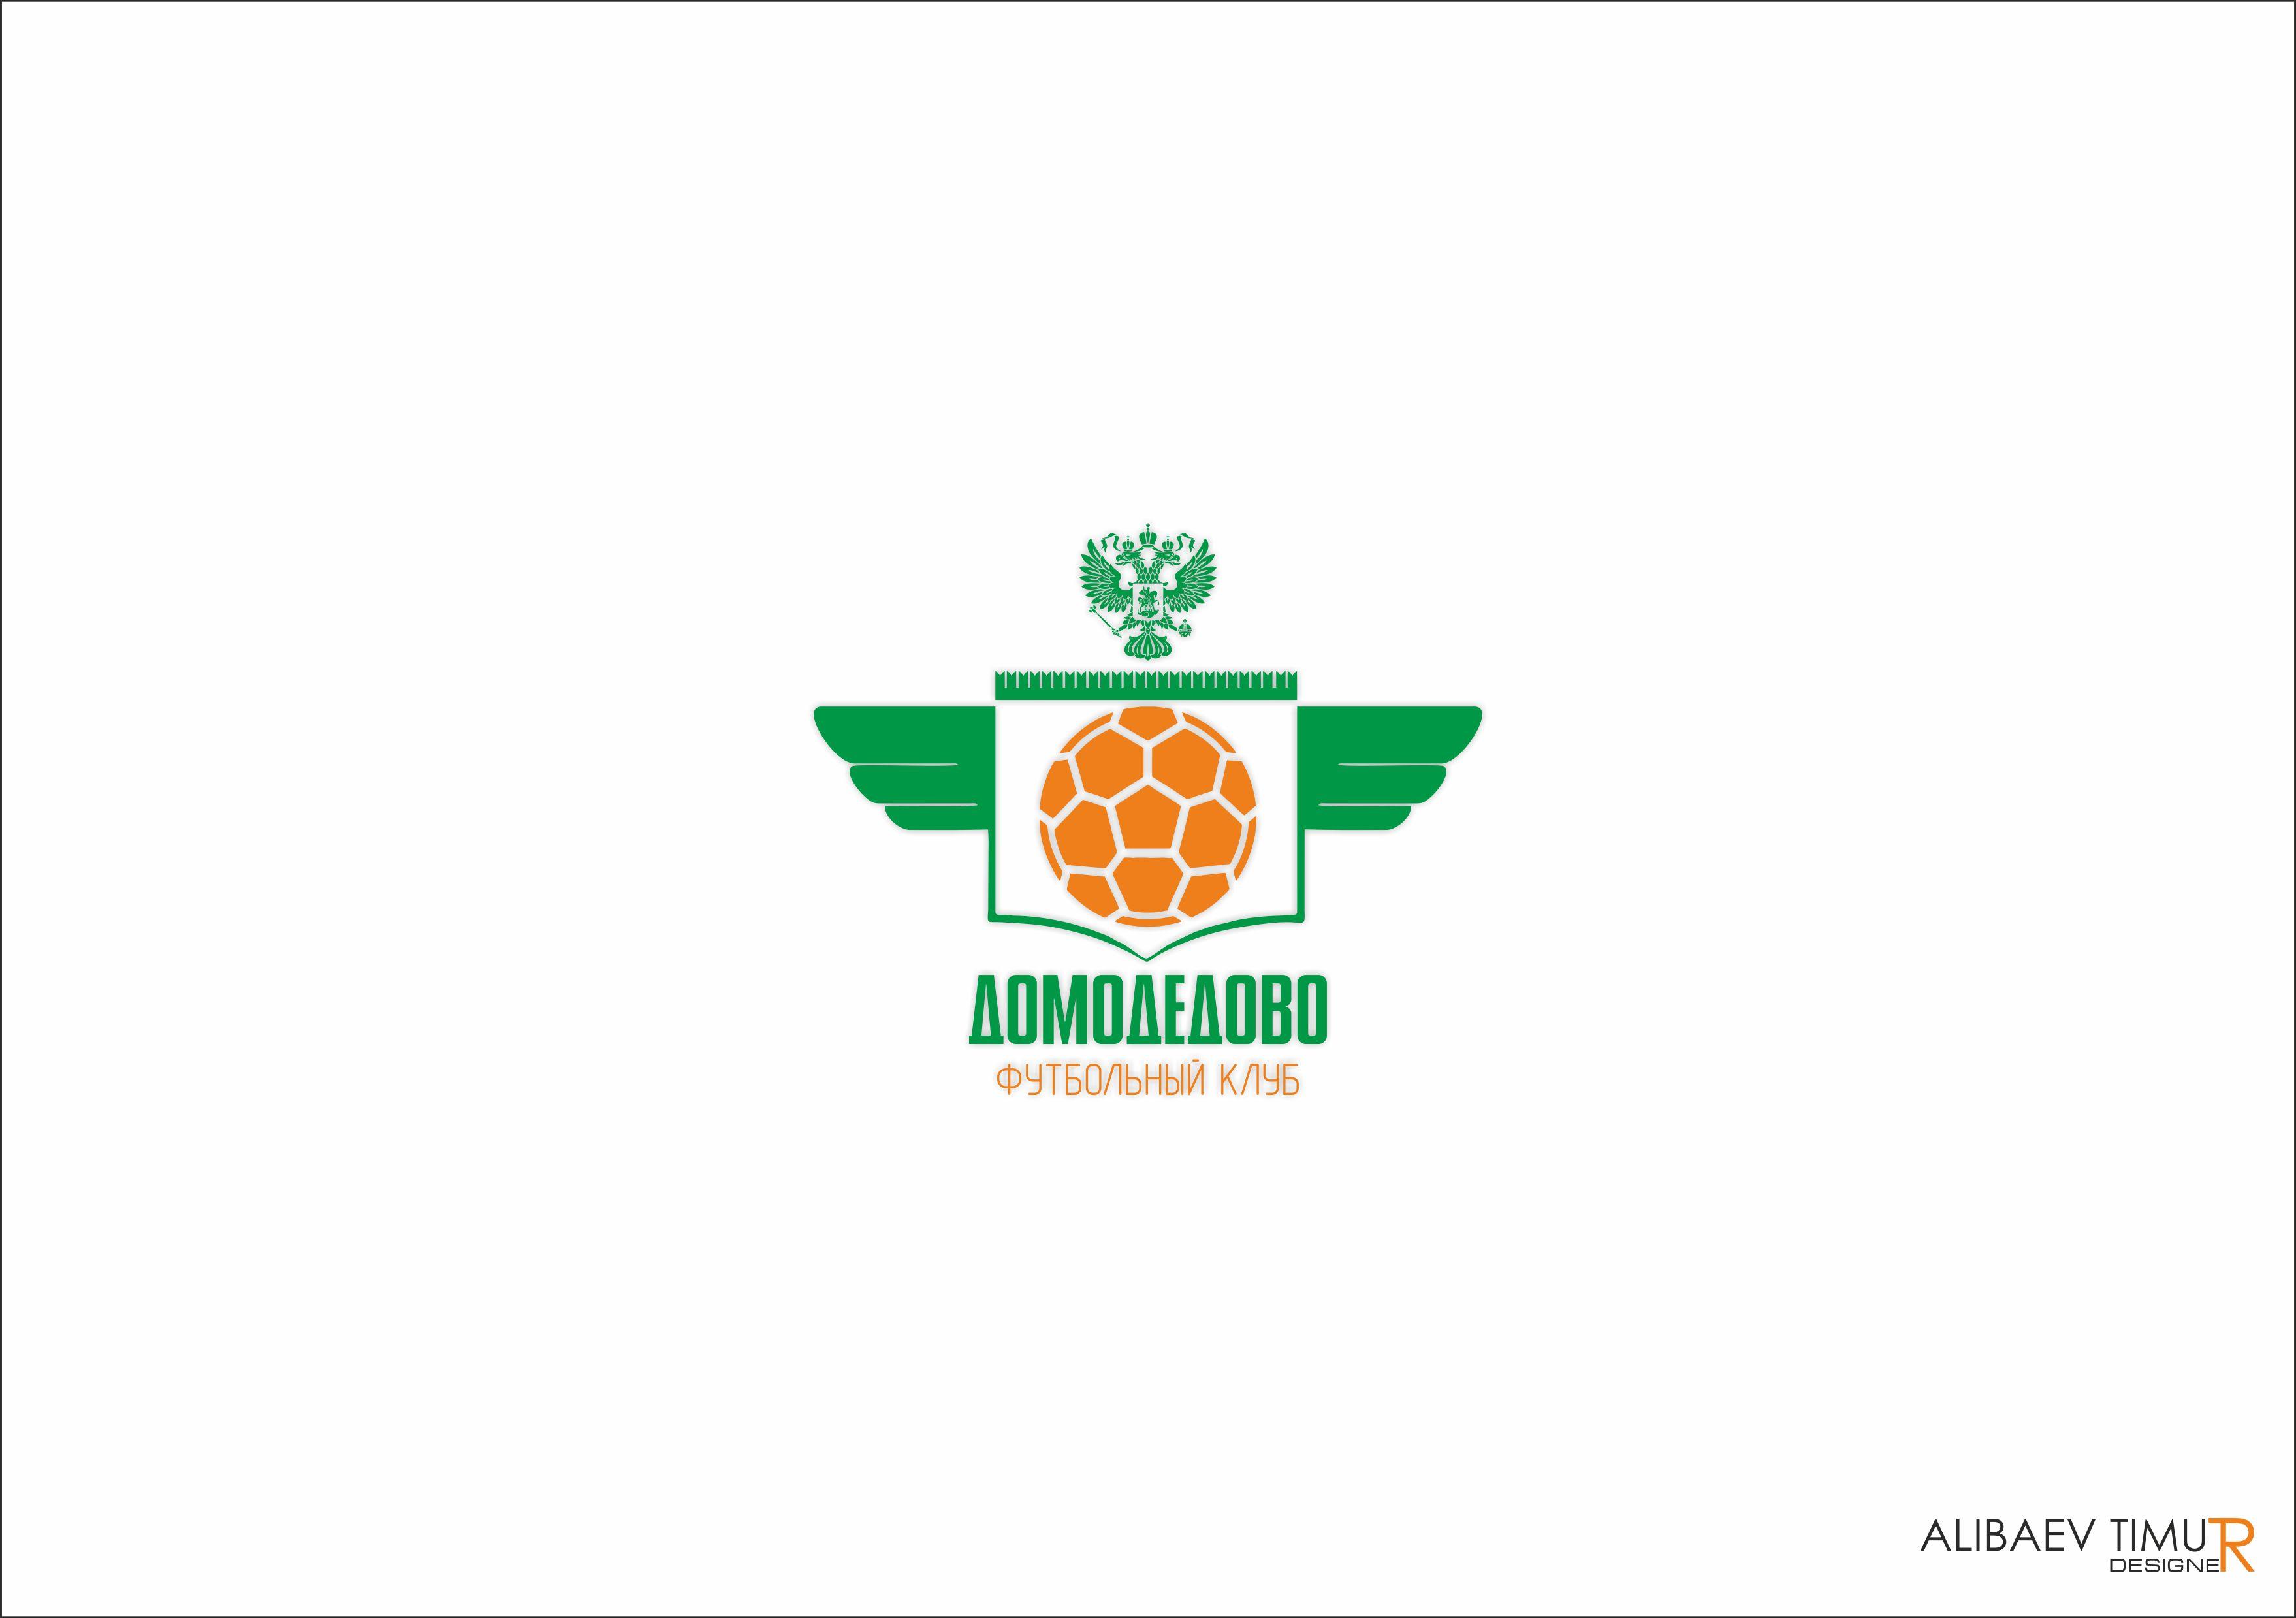 Логотип (Эмблема) для нового Футбольного клуба - дизайнер tahalibaev